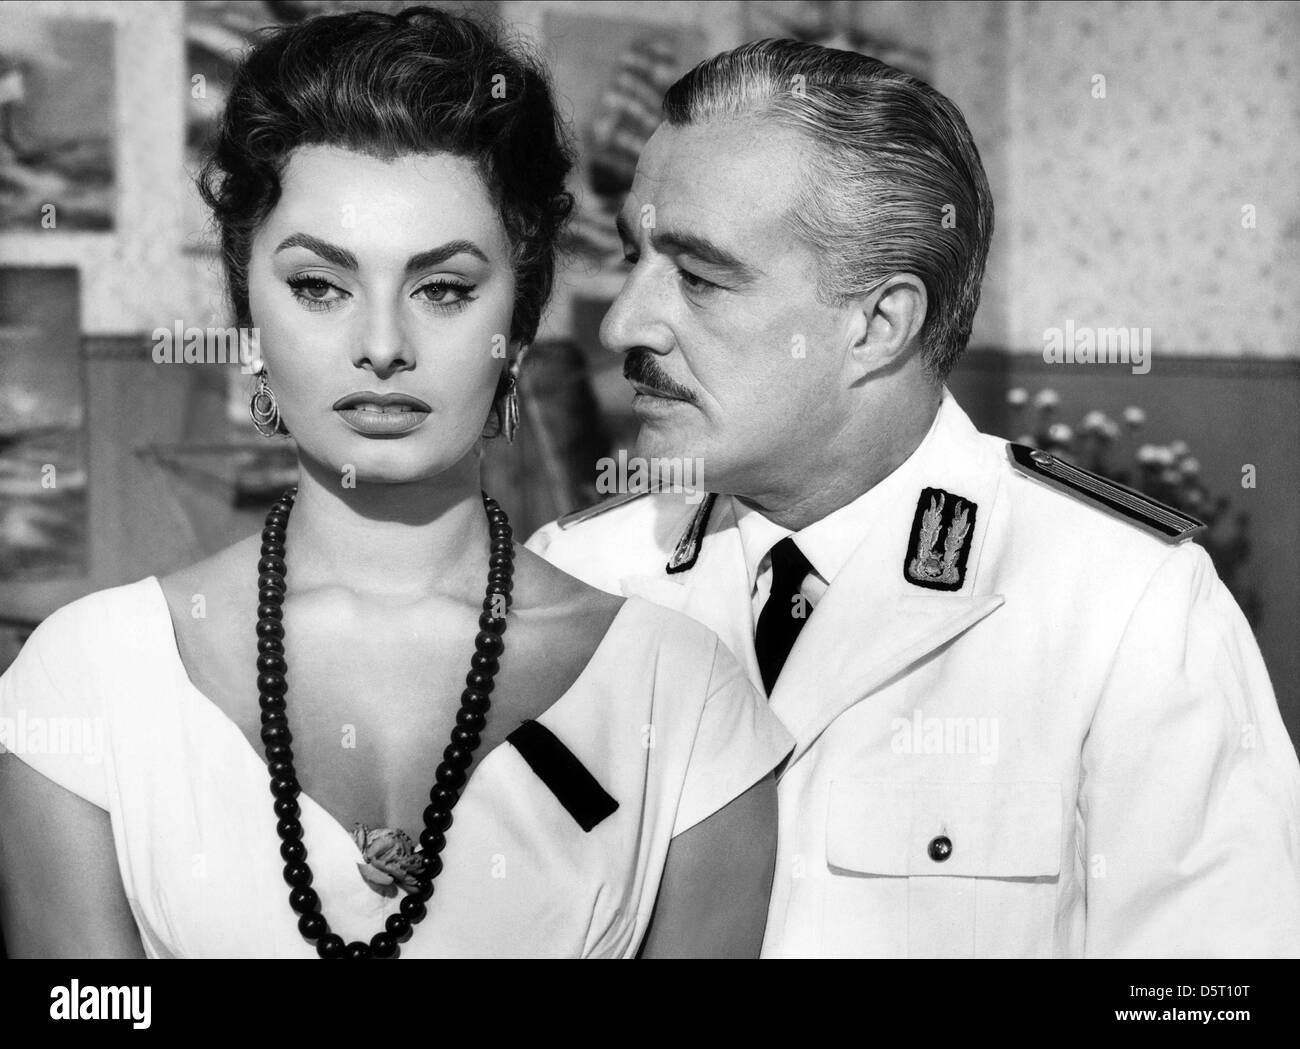 SOPHIA LOREN, VITTORIO DE SICA, SCANDAL IN SORRENTO, 1955 - Stock Image